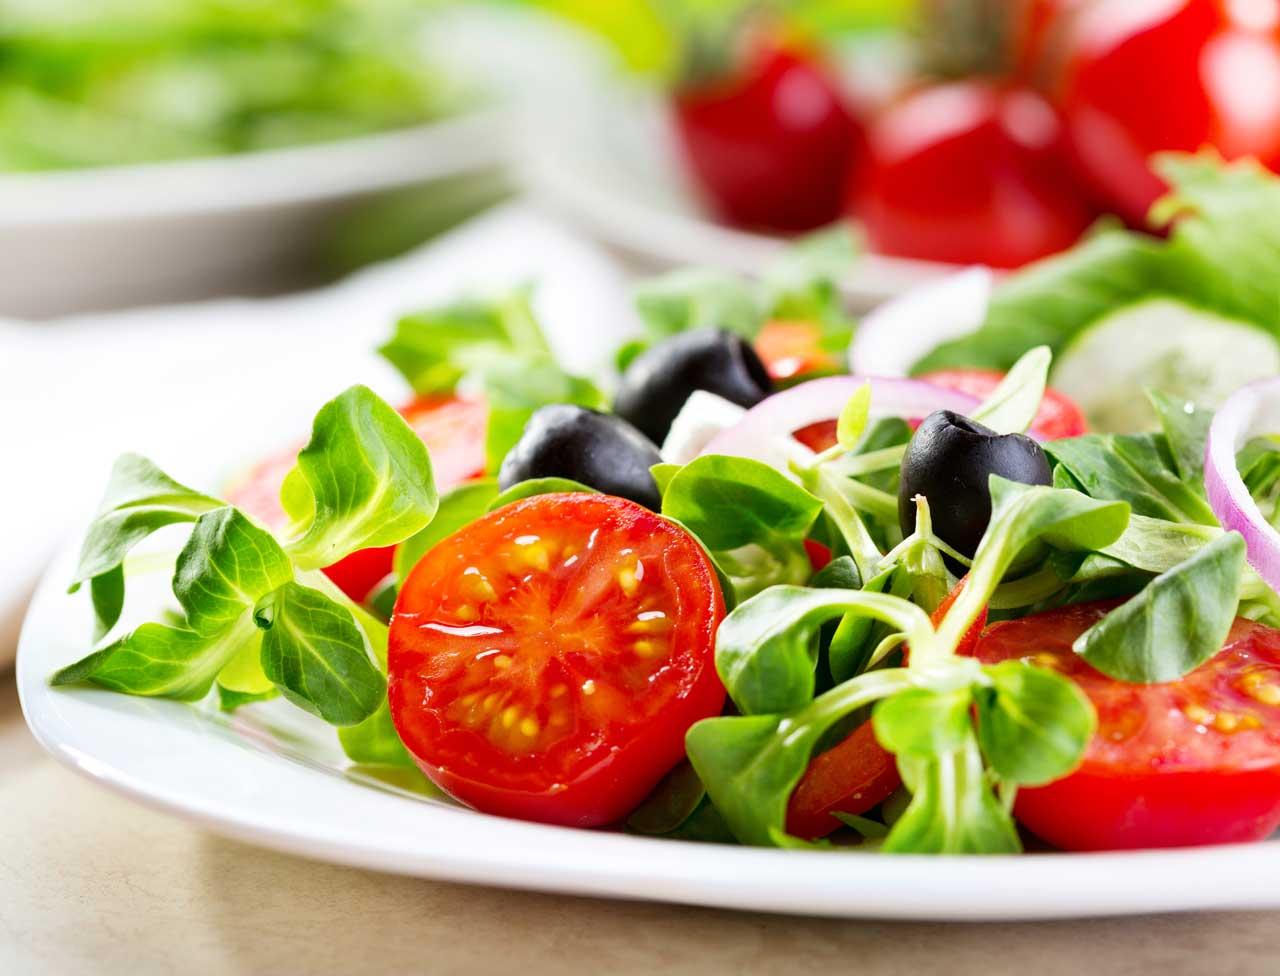 8-astuces-de-pro-pour-une-salade-equilibree[1]